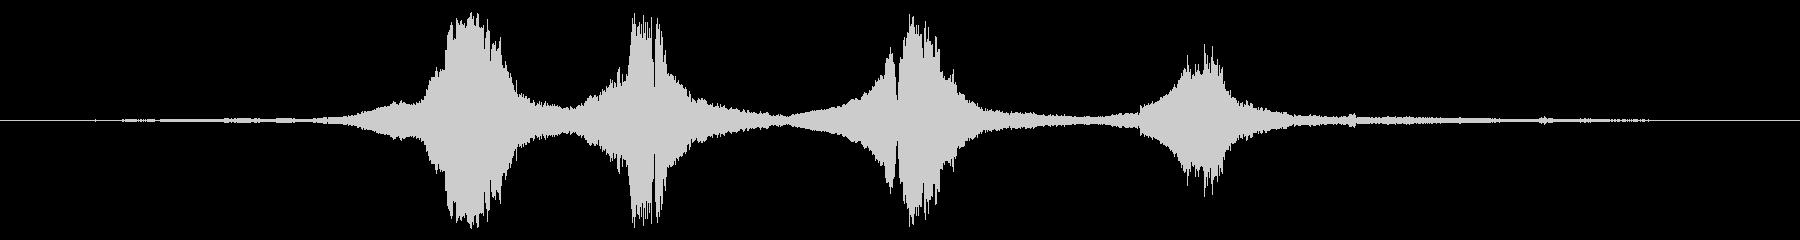 サイドカー:非常に高速な4つの近接パスの未再生の波形